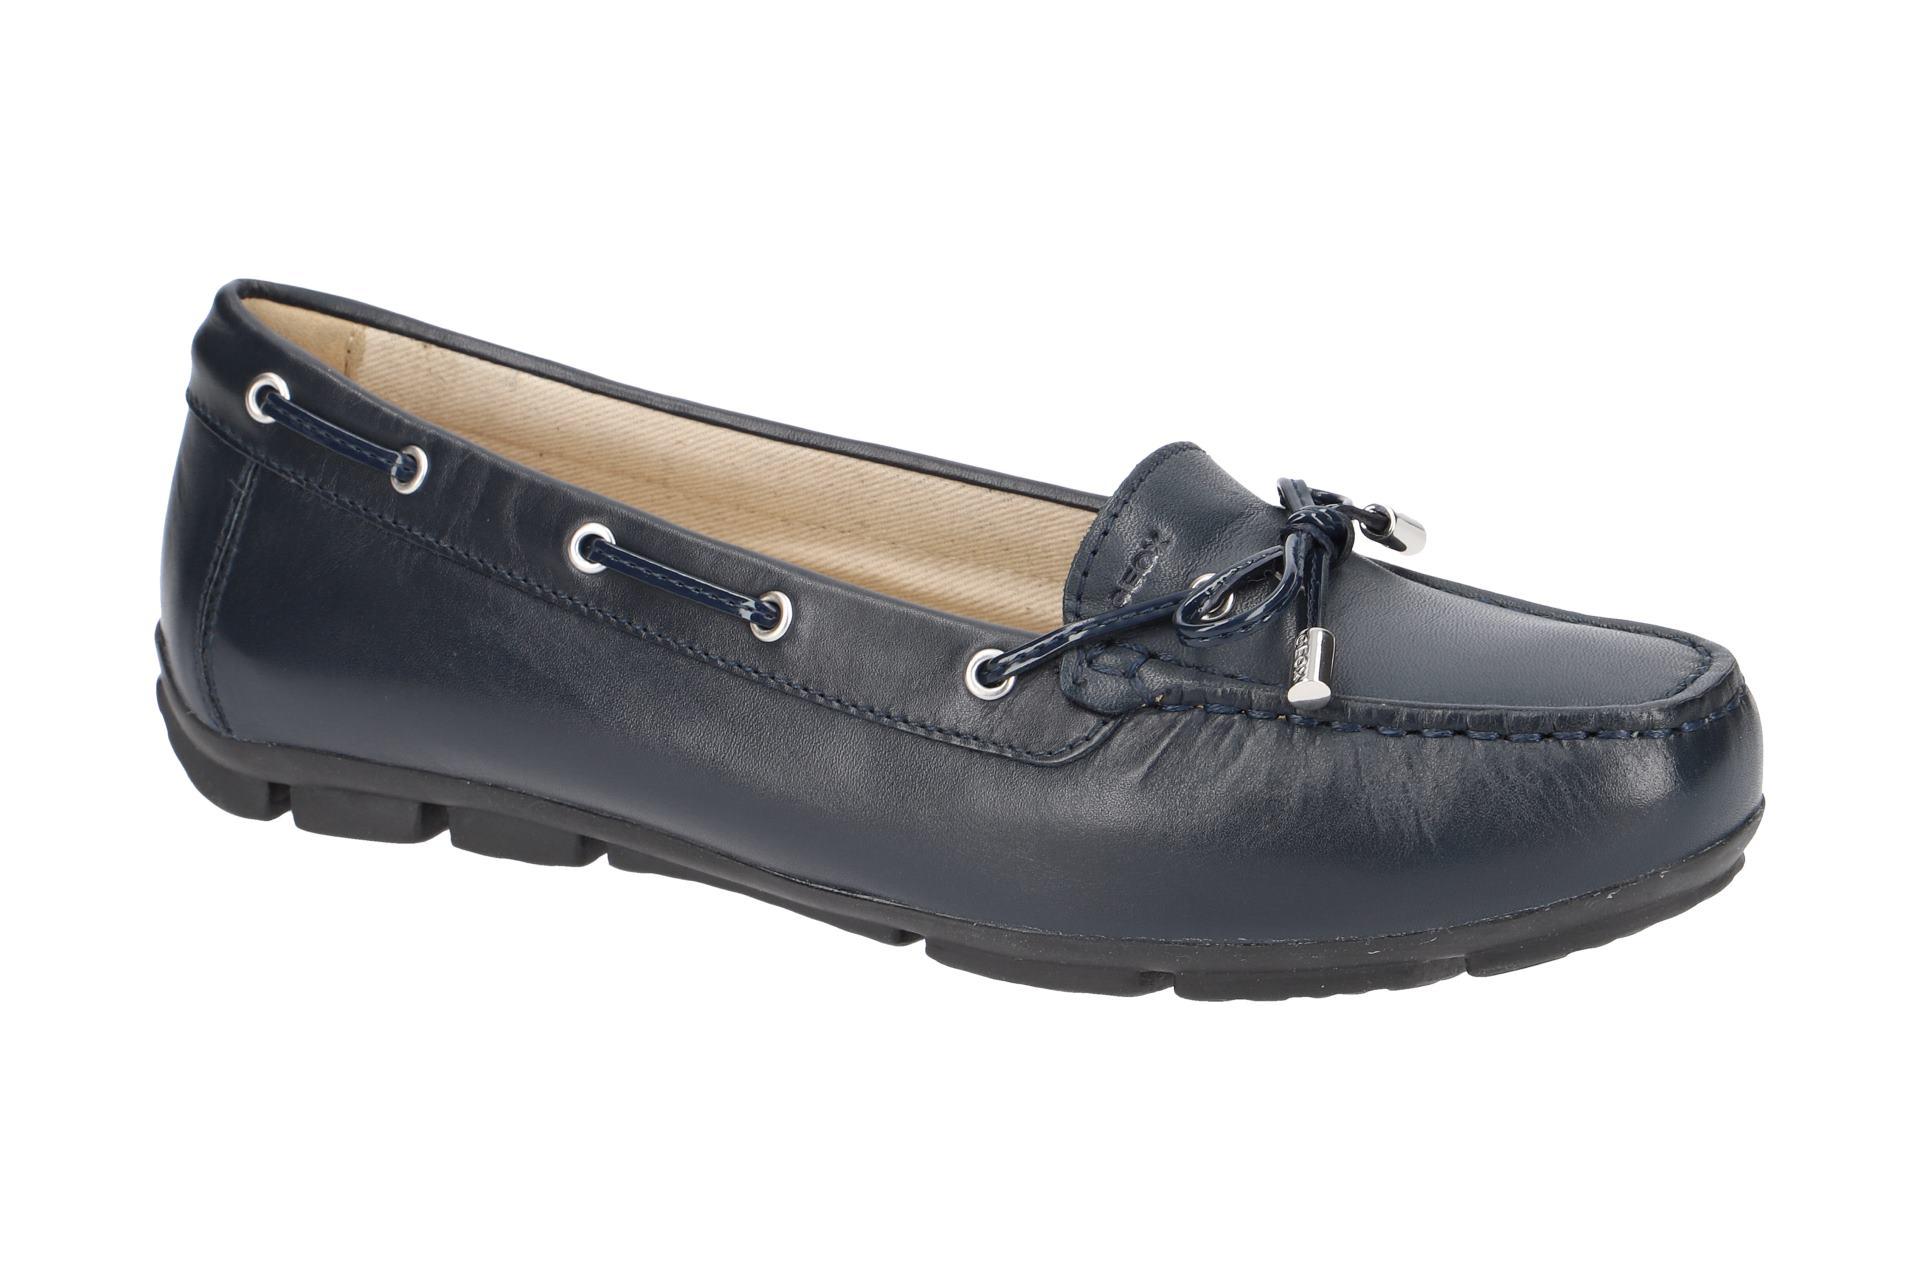 Marva Schuhe Geox Blau C4064 D7243a Slipper Neu Damenschuhe Bequeme Details 00043 Zu EoexWQdBrC